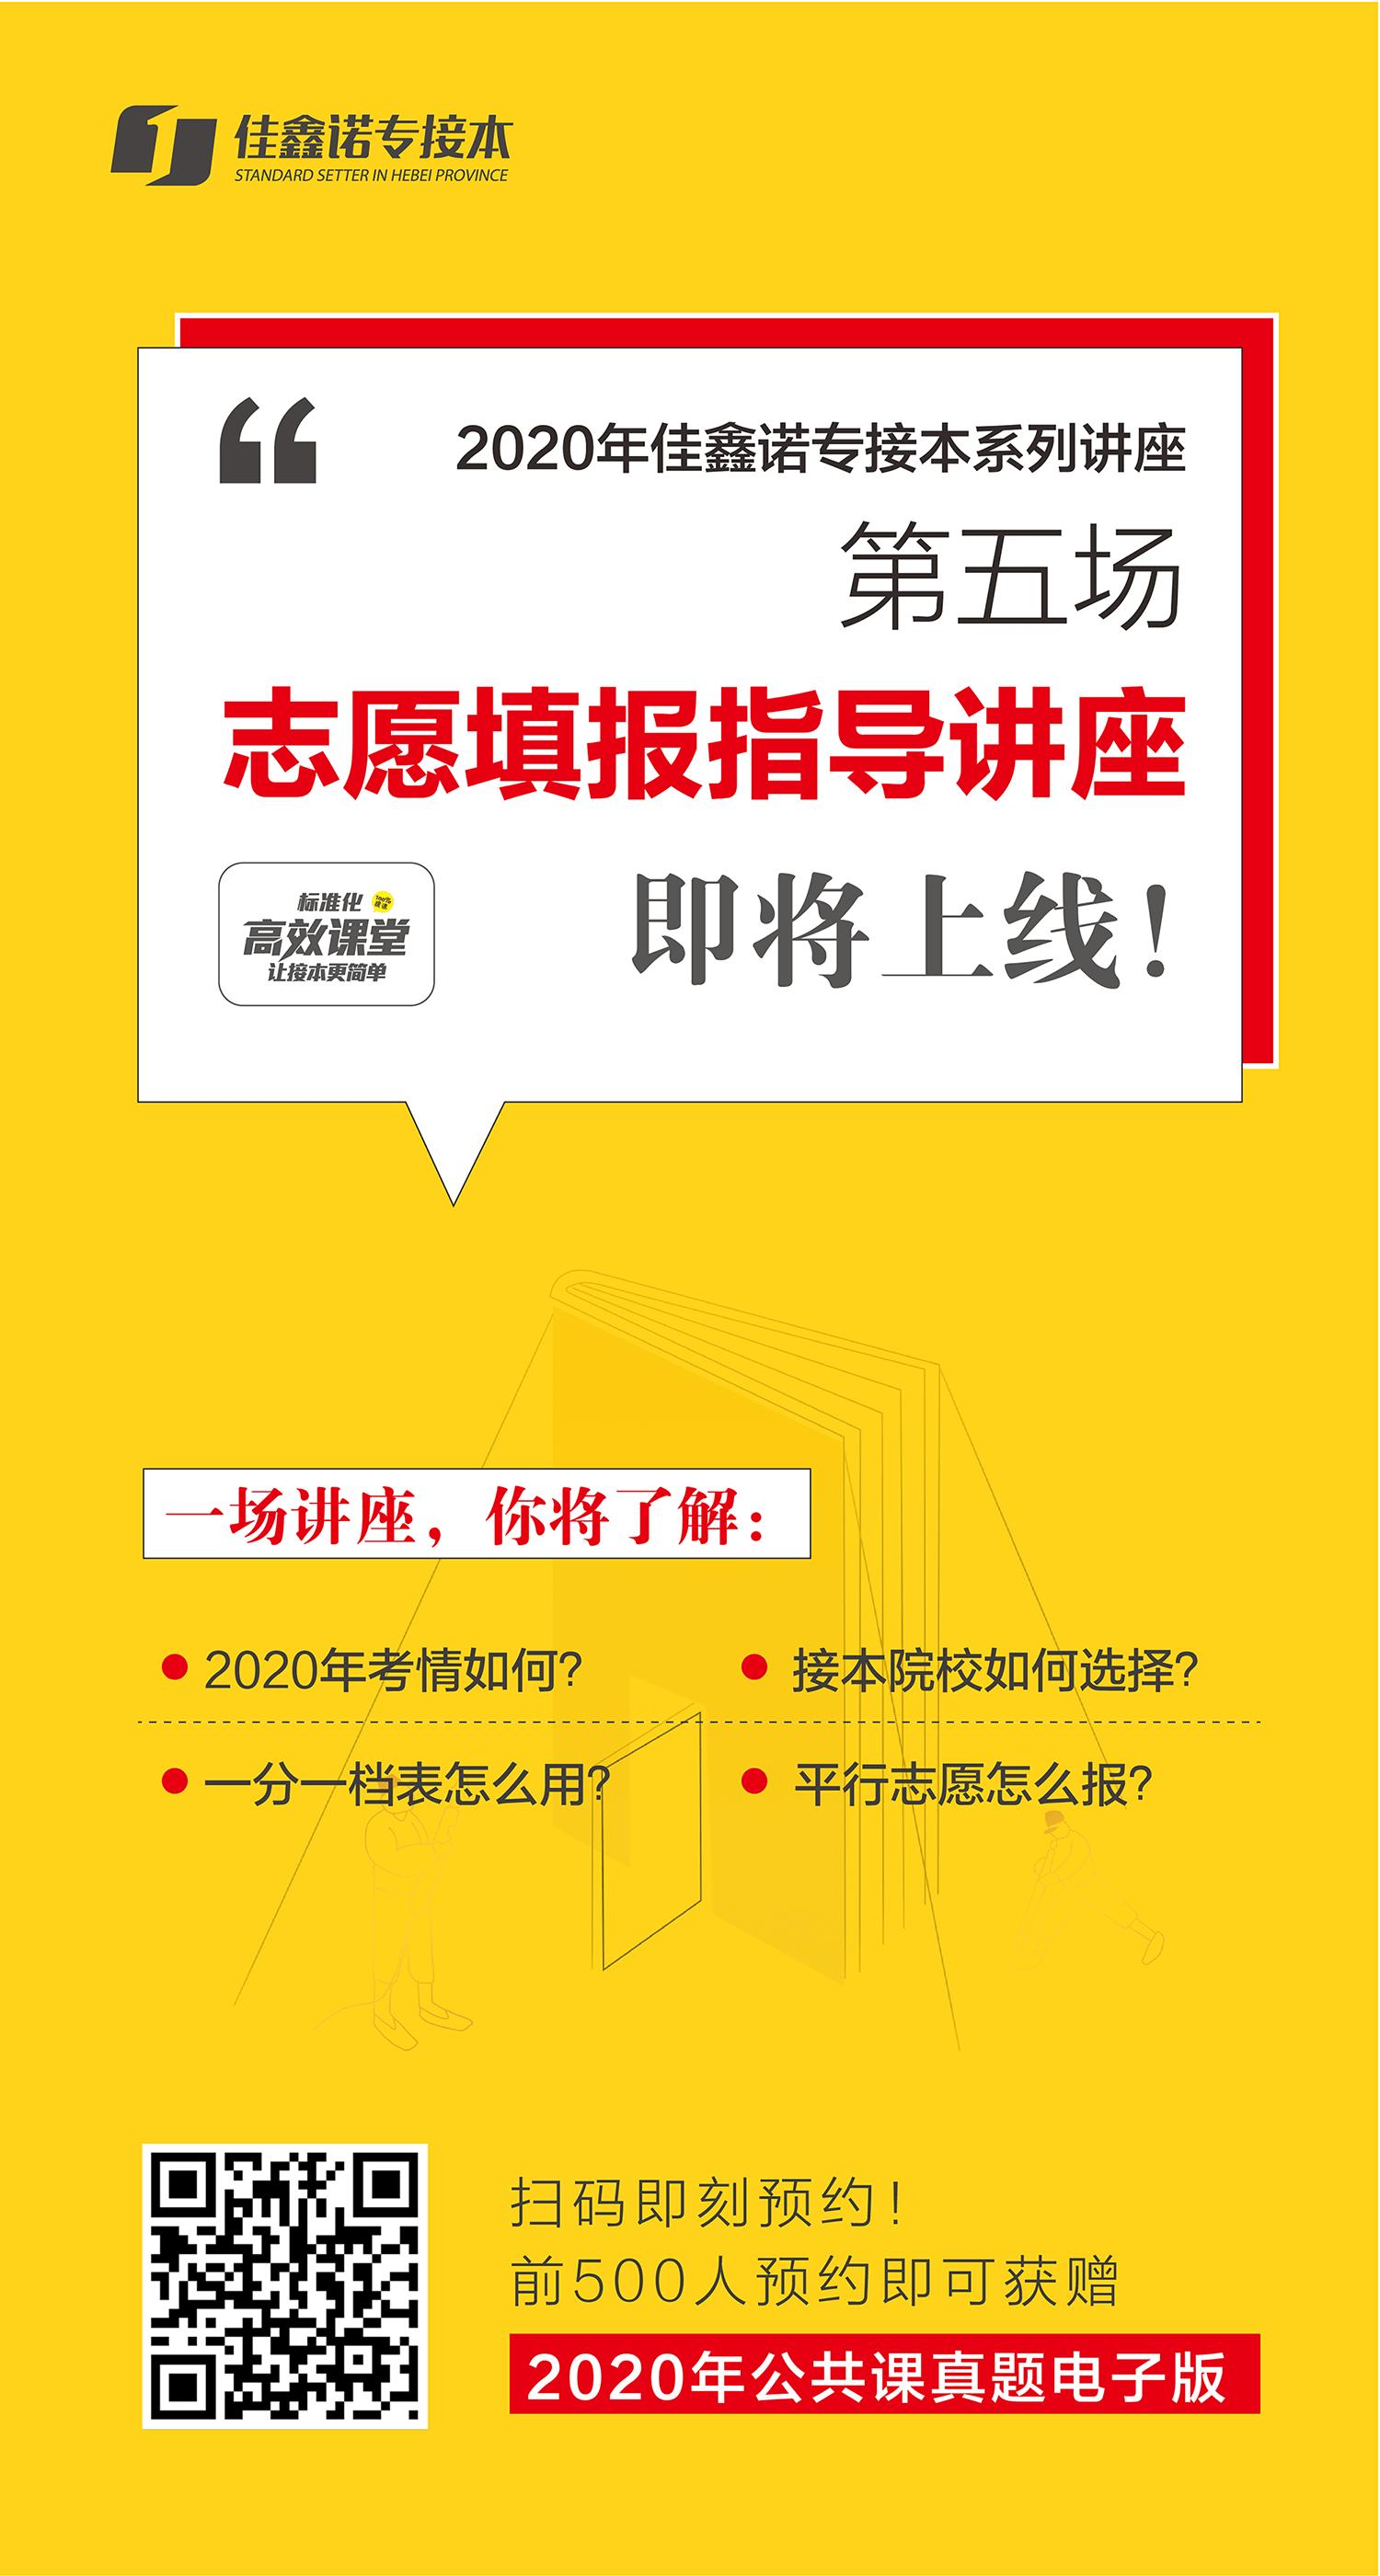 志愿填报讲座haibao.png